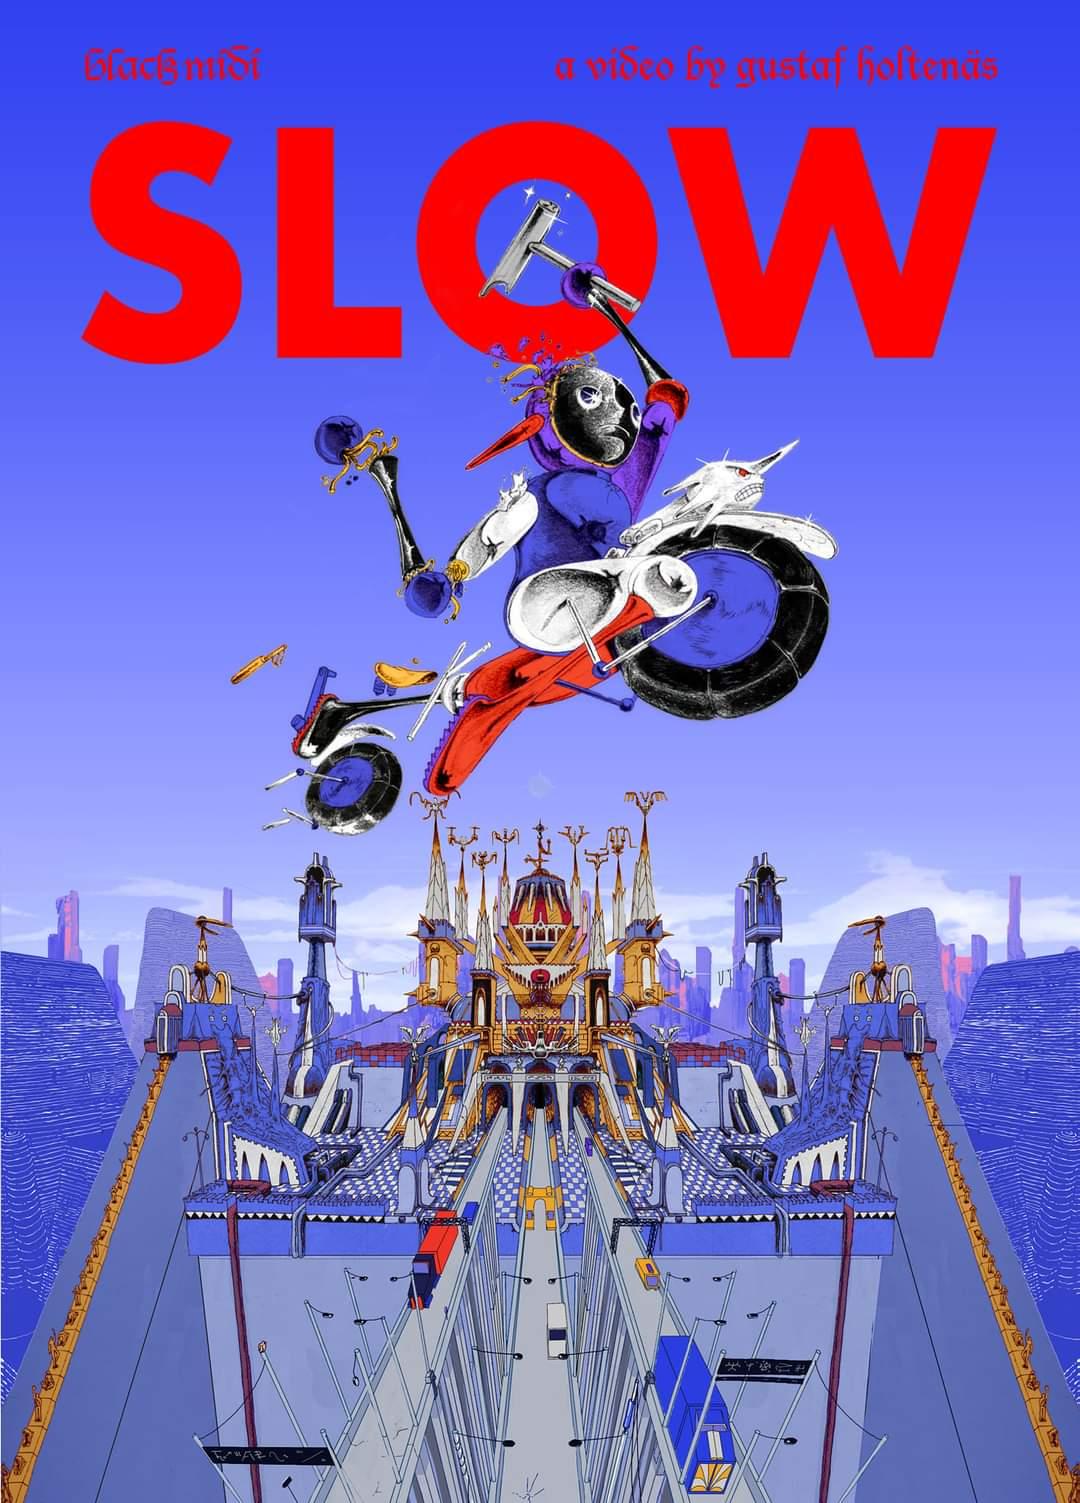 black midi – Slow